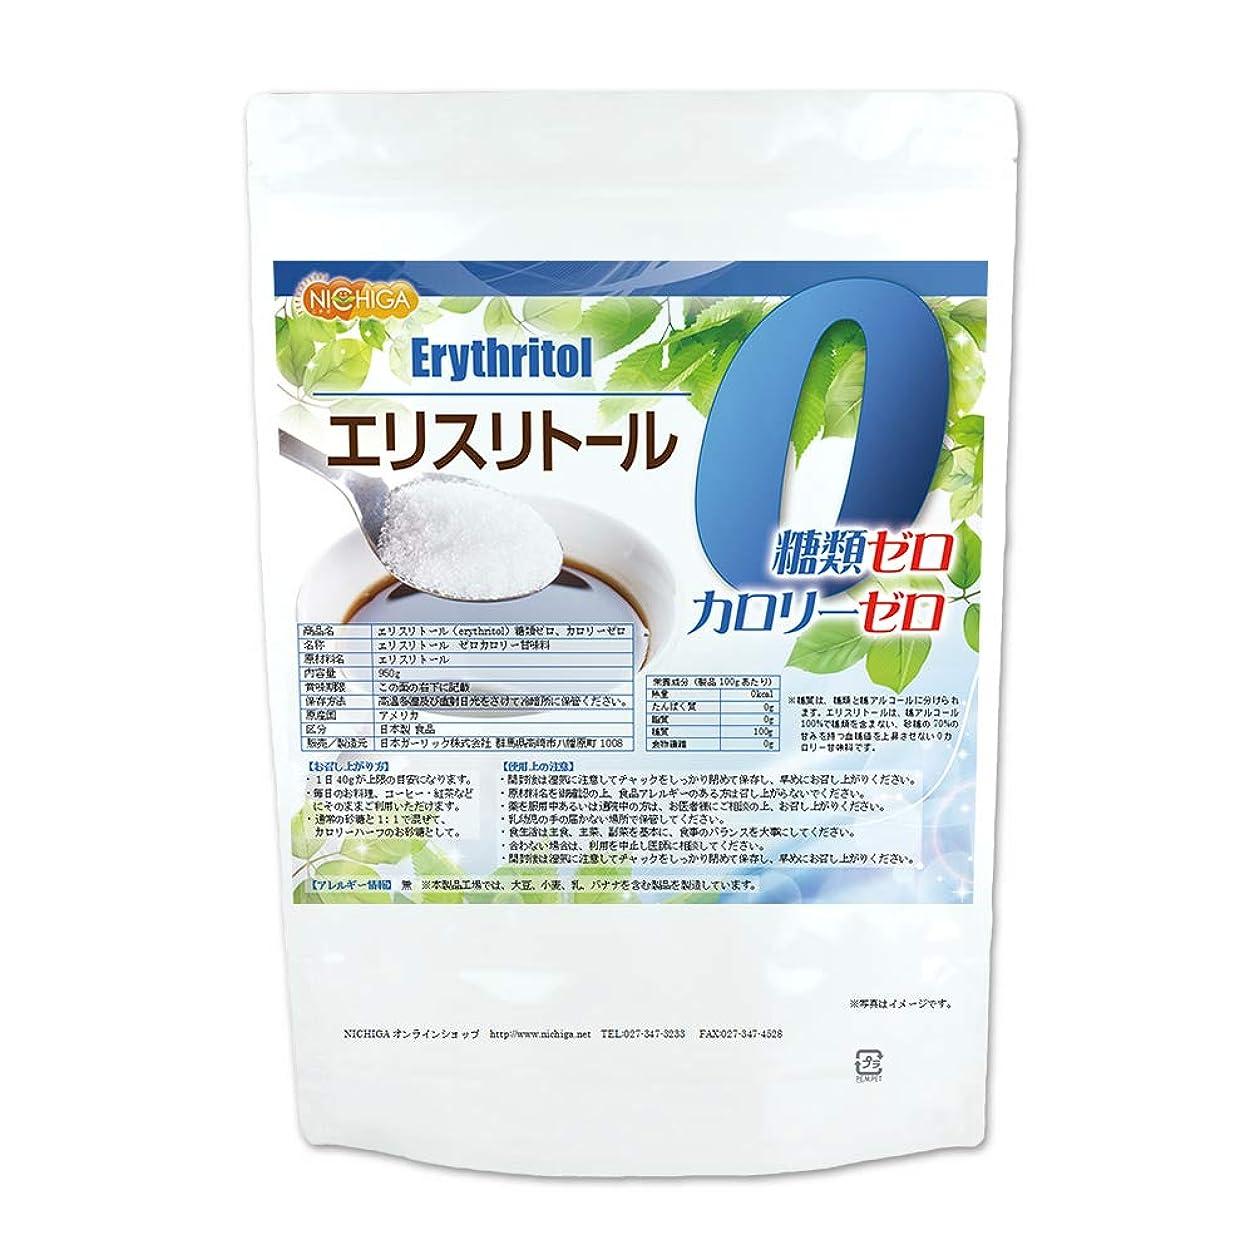 反抗是正すると組むエリスリトール (erythritol) 950g エネルギー:0 kcal/g 天然甘味料?糖質制限?砂糖代替甘味料 [01] NICHIGA(ニチガ)